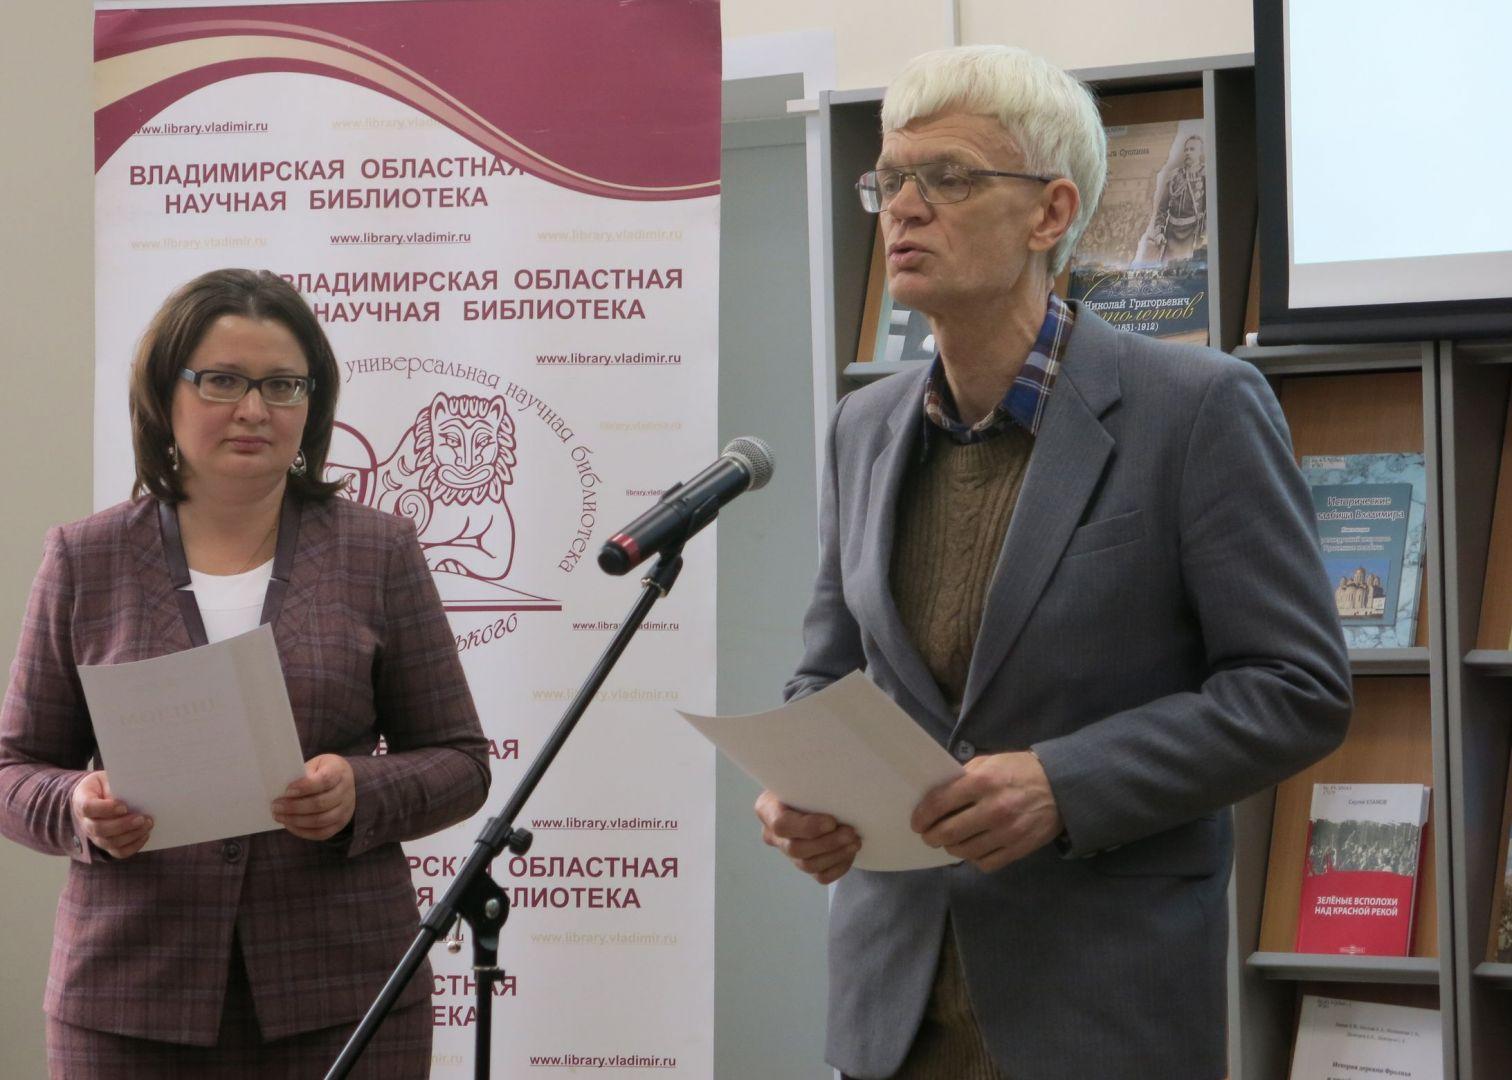 Александр Вячеславович Гордеев